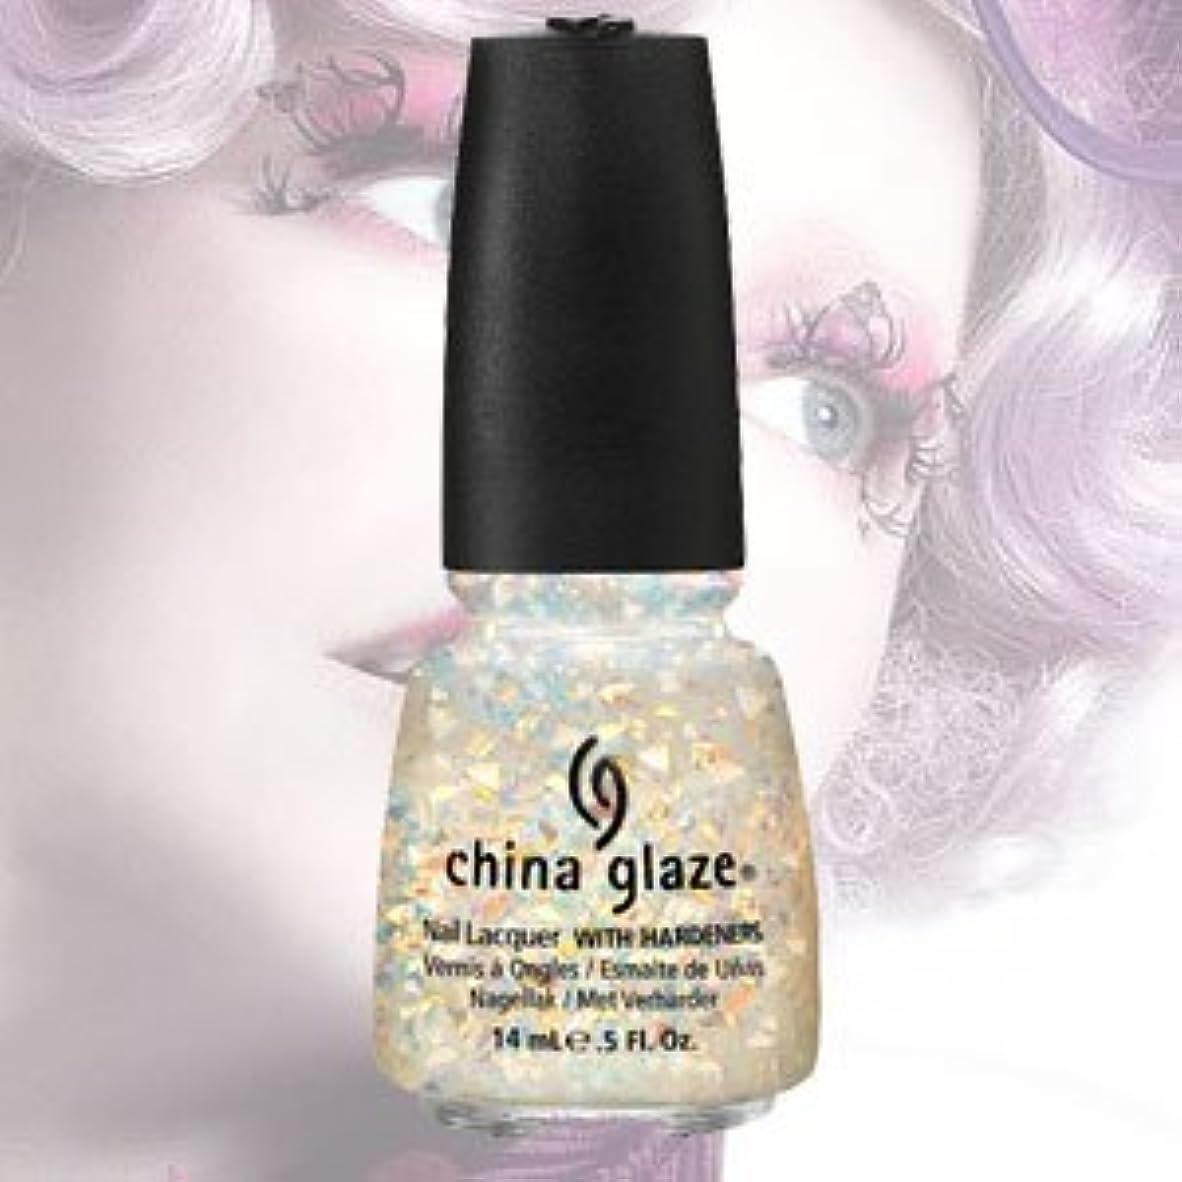 分火薬ロビー(チャイナグレイズ)China Glaze Luxe and LushーCAPITOL COLOURS コレクション [海外直送品][並行輸入品]